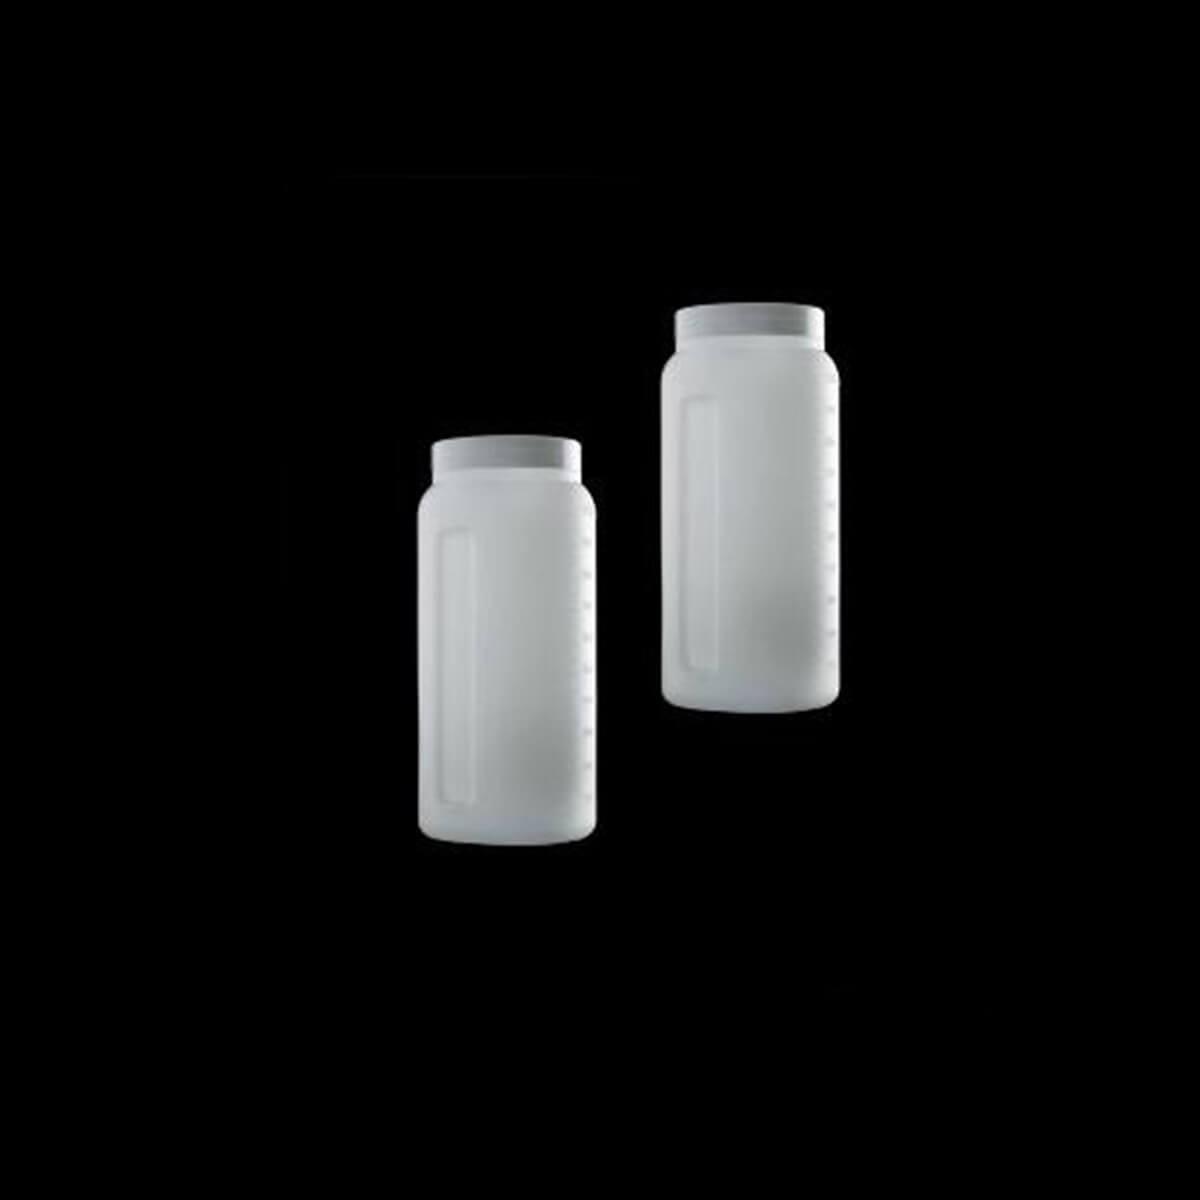 Coletor de Urina 24 Horas a Granel Translucido Tampa Branca 1 Litro sem Alça